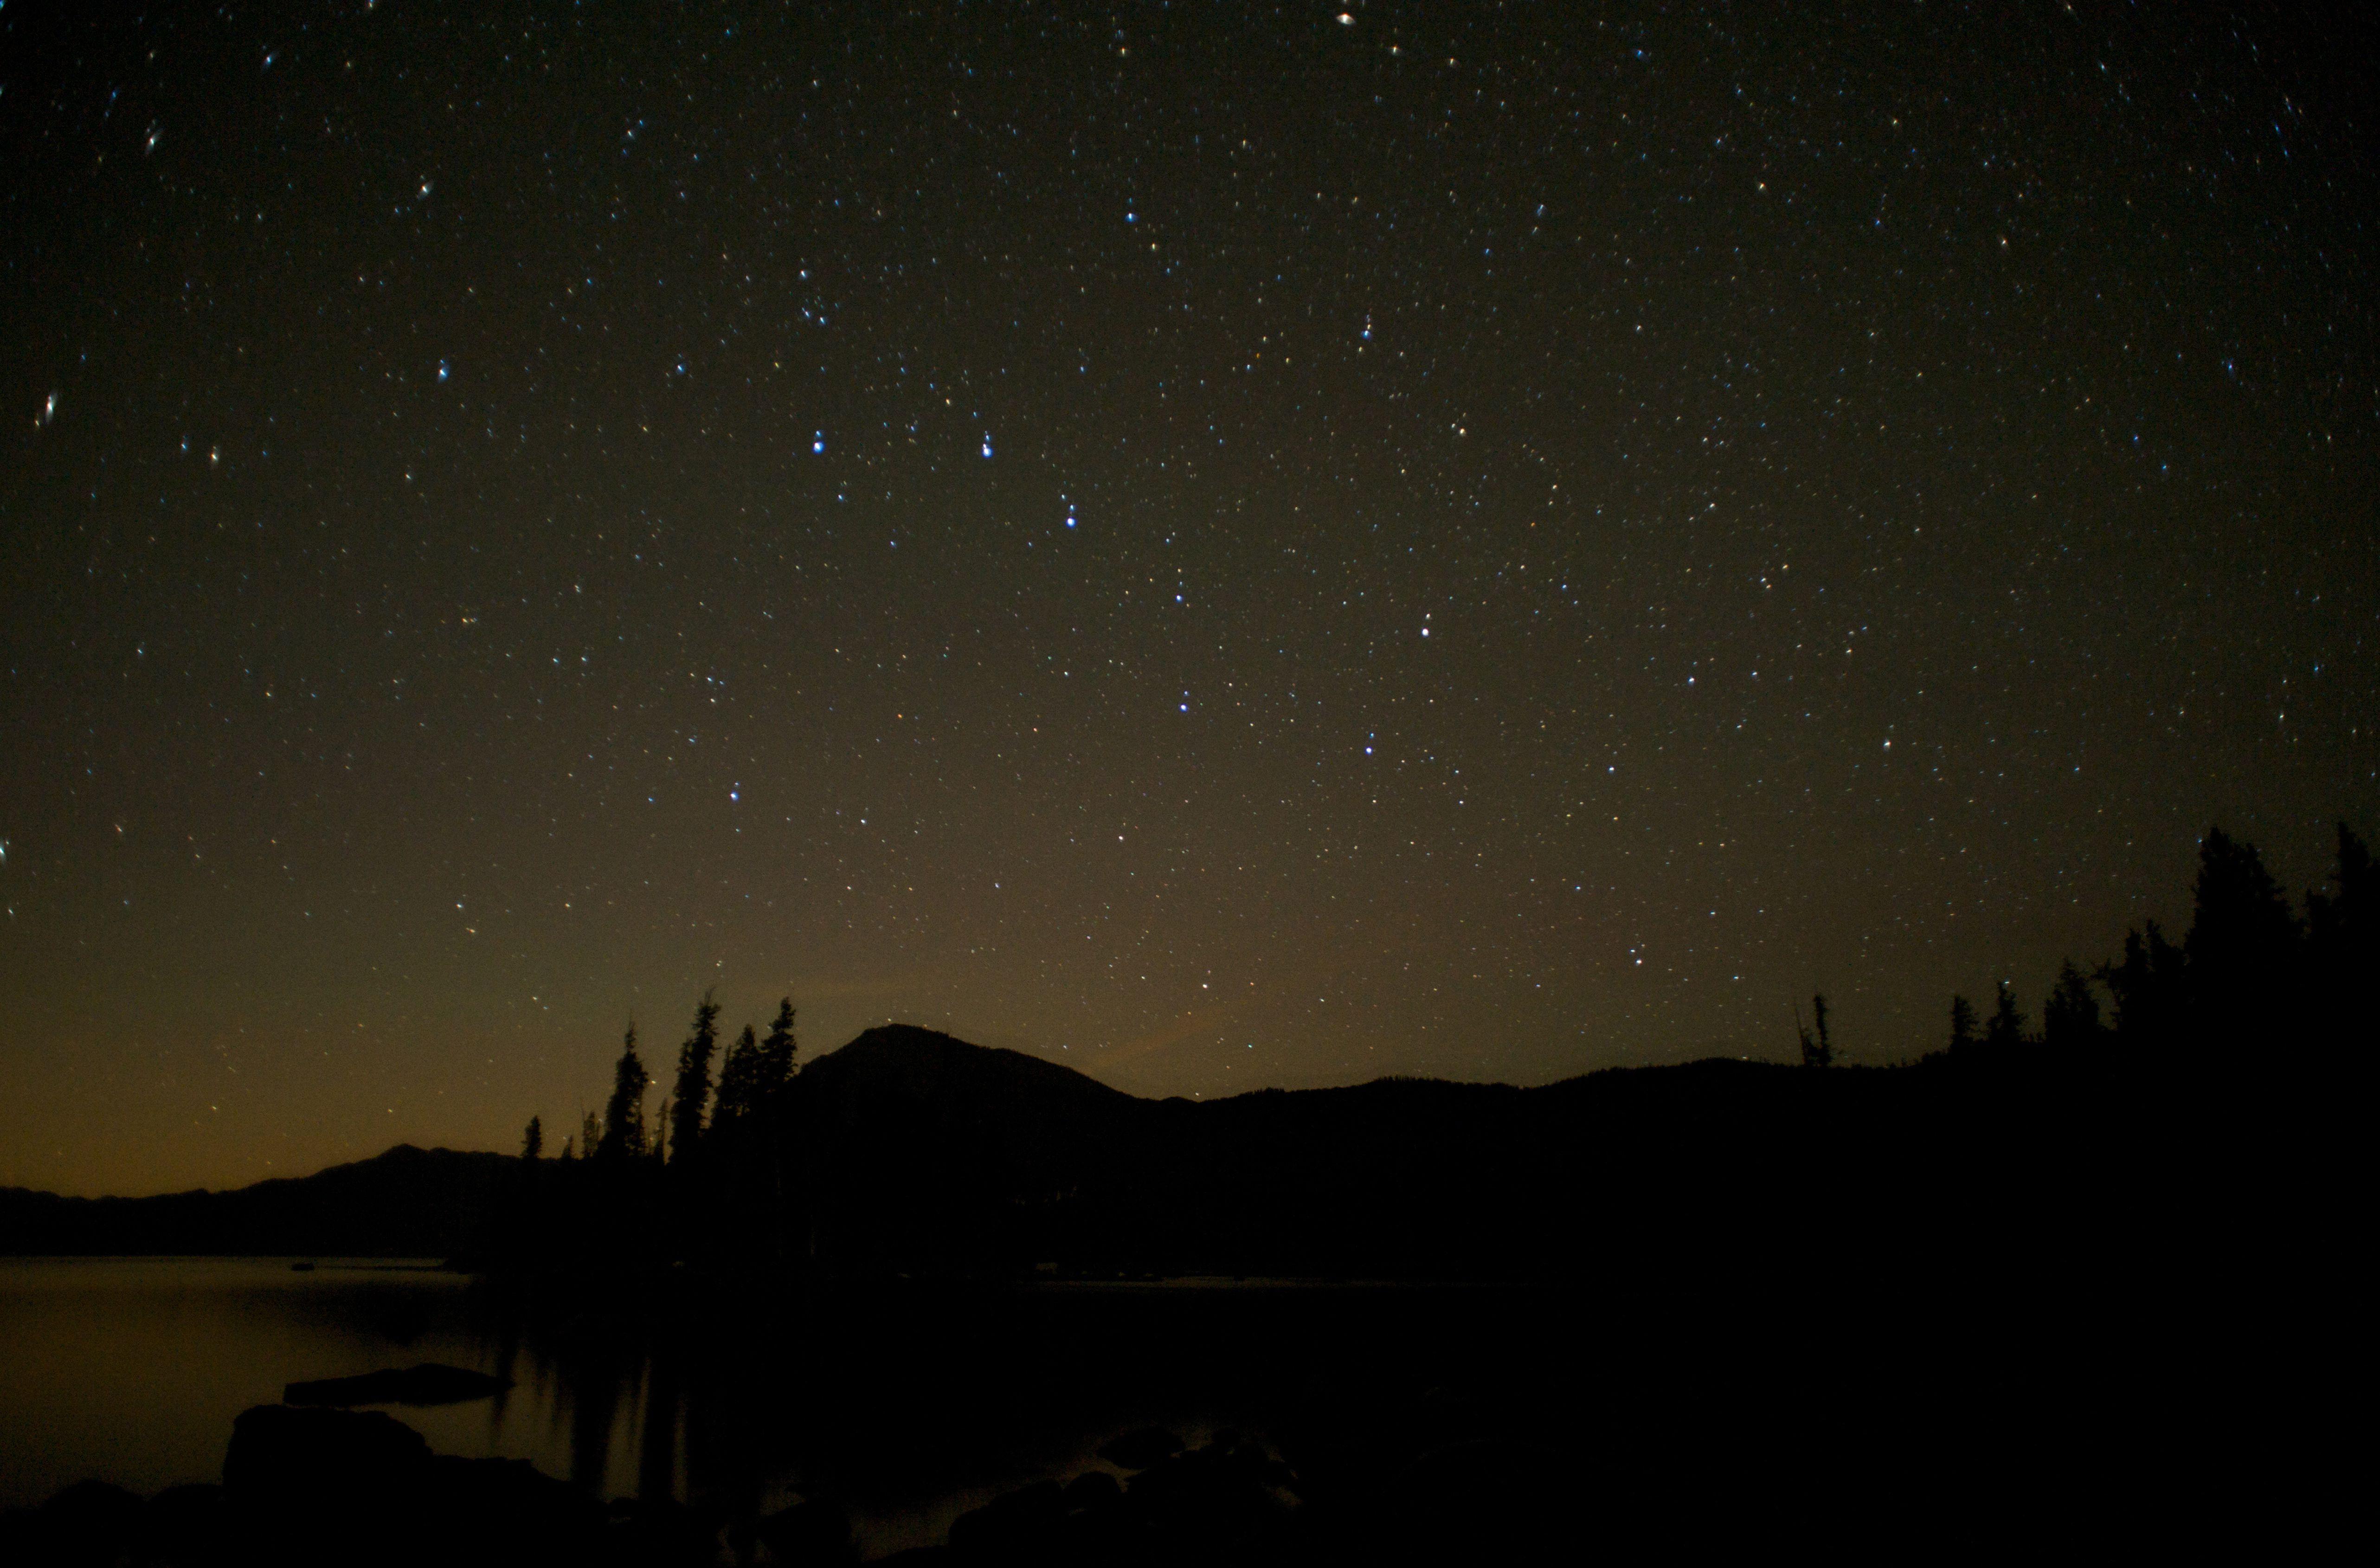 The Big Dipper: Ursa Major's Most Star Configuration